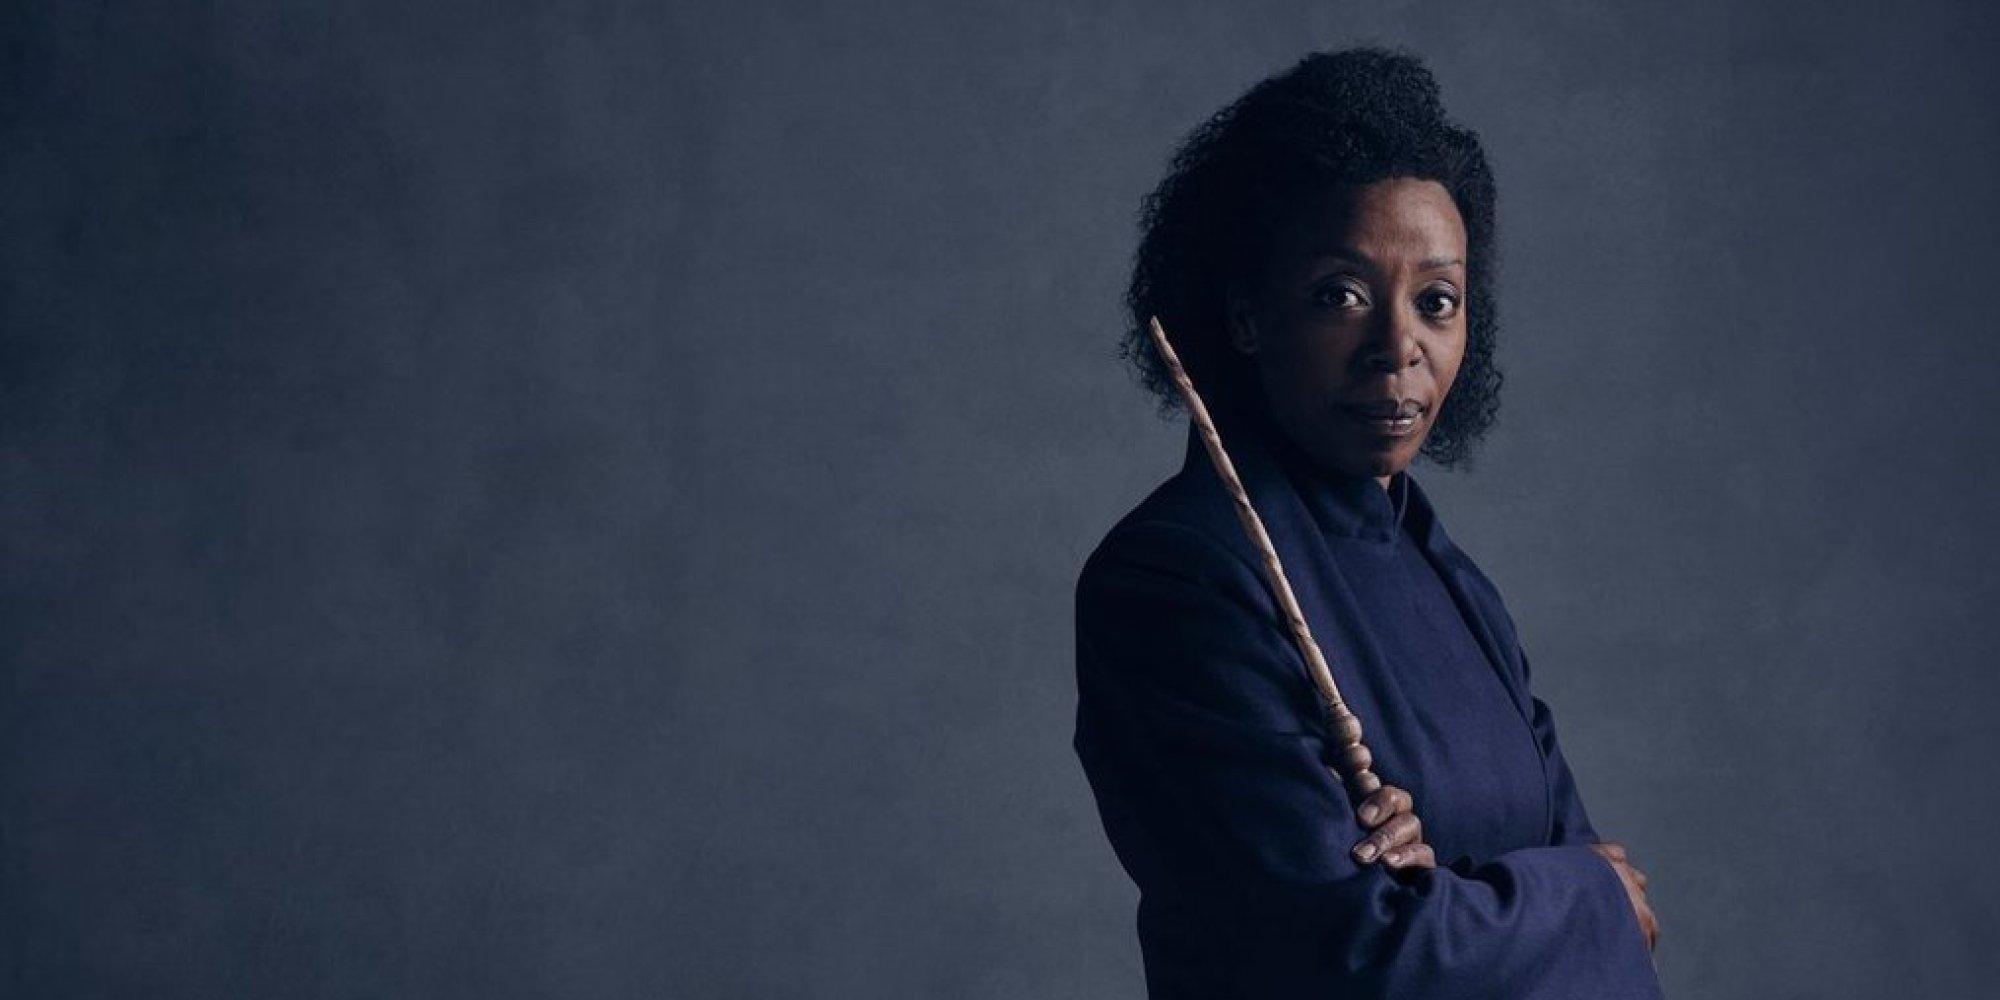 Hermione es negra, ¿y qué? J. K. Rowling nunca dijo lo contrario